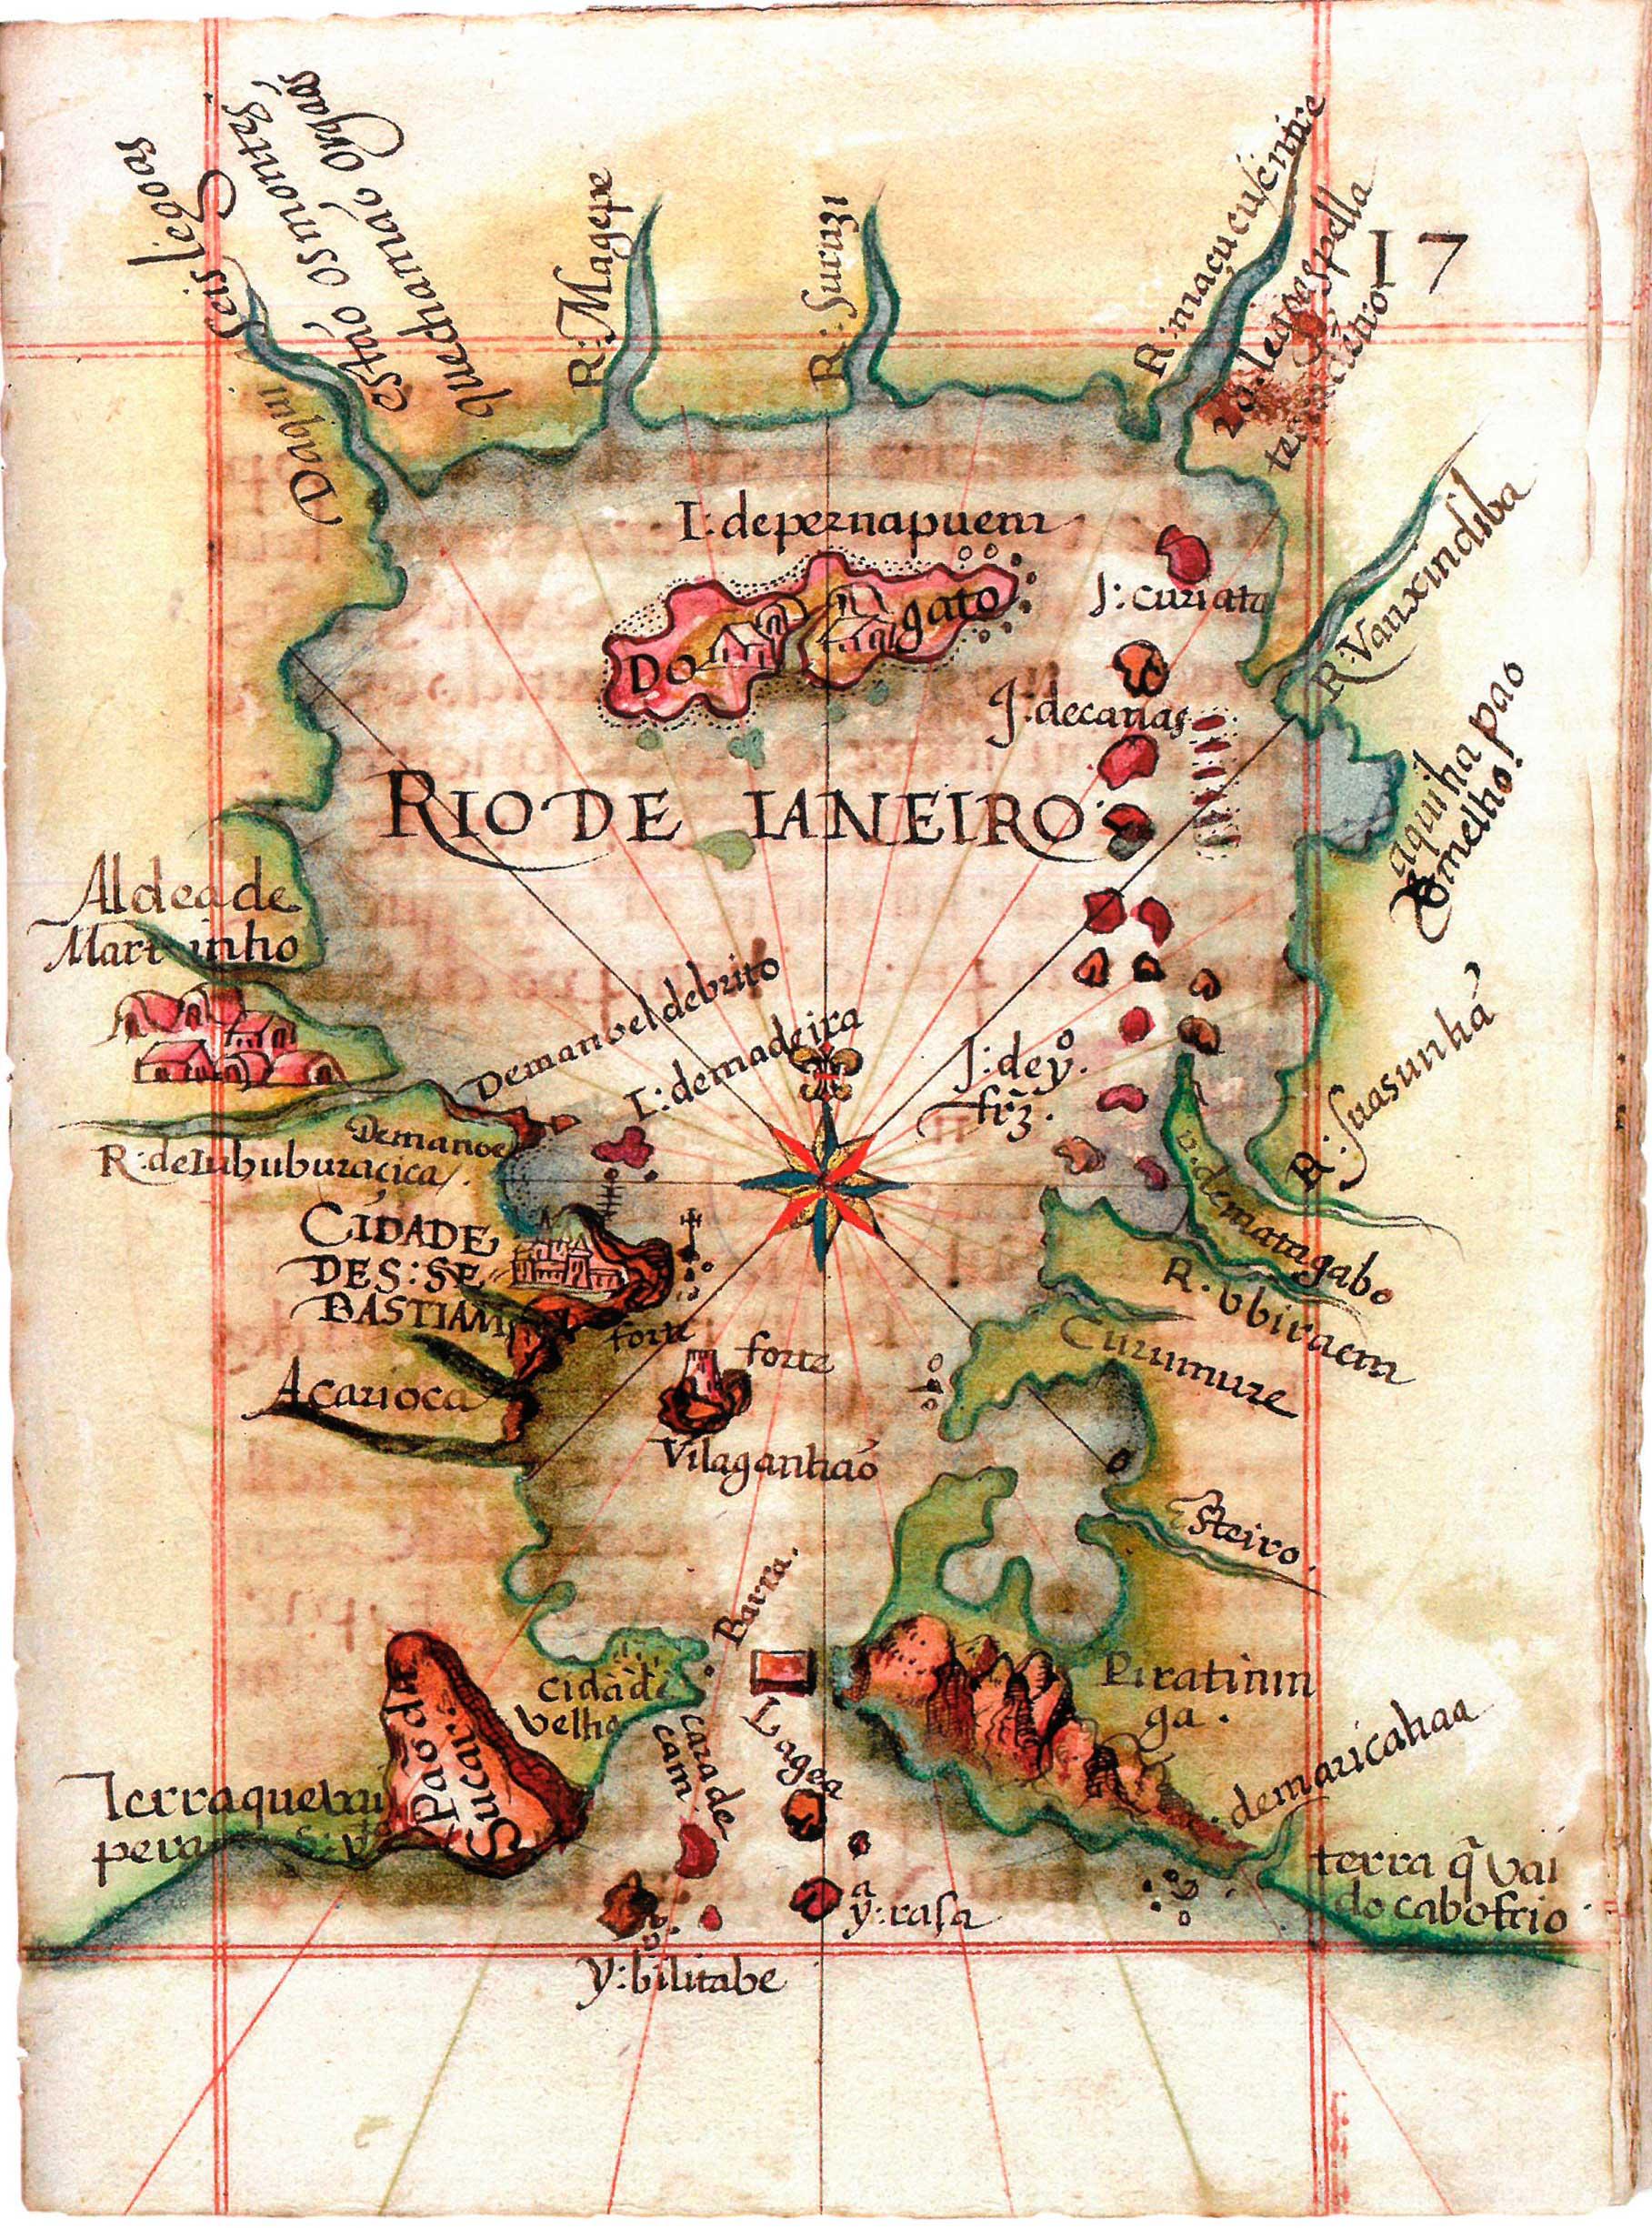 (1) Mapa da obra Roteiro de todos os Sinais, Conhecimentos... <br> Luiz Teixeira. Acervo da Fundação Biblioteca da Ajuda, Lisboa